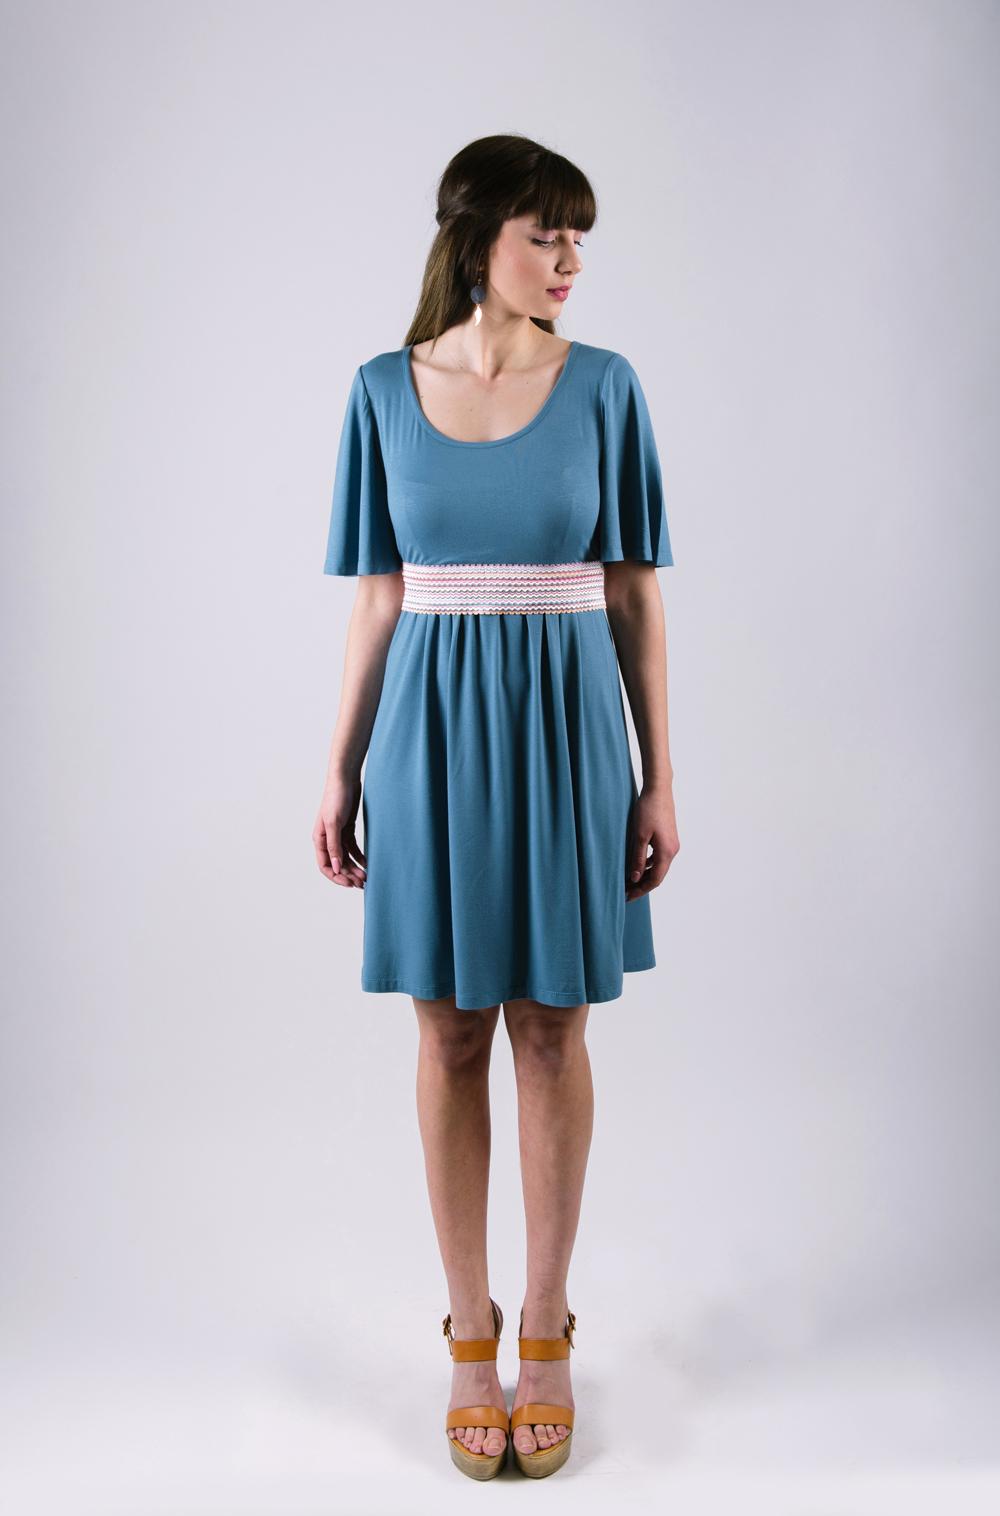 59d89ca126fa Φορεμα θηλασμου Coral